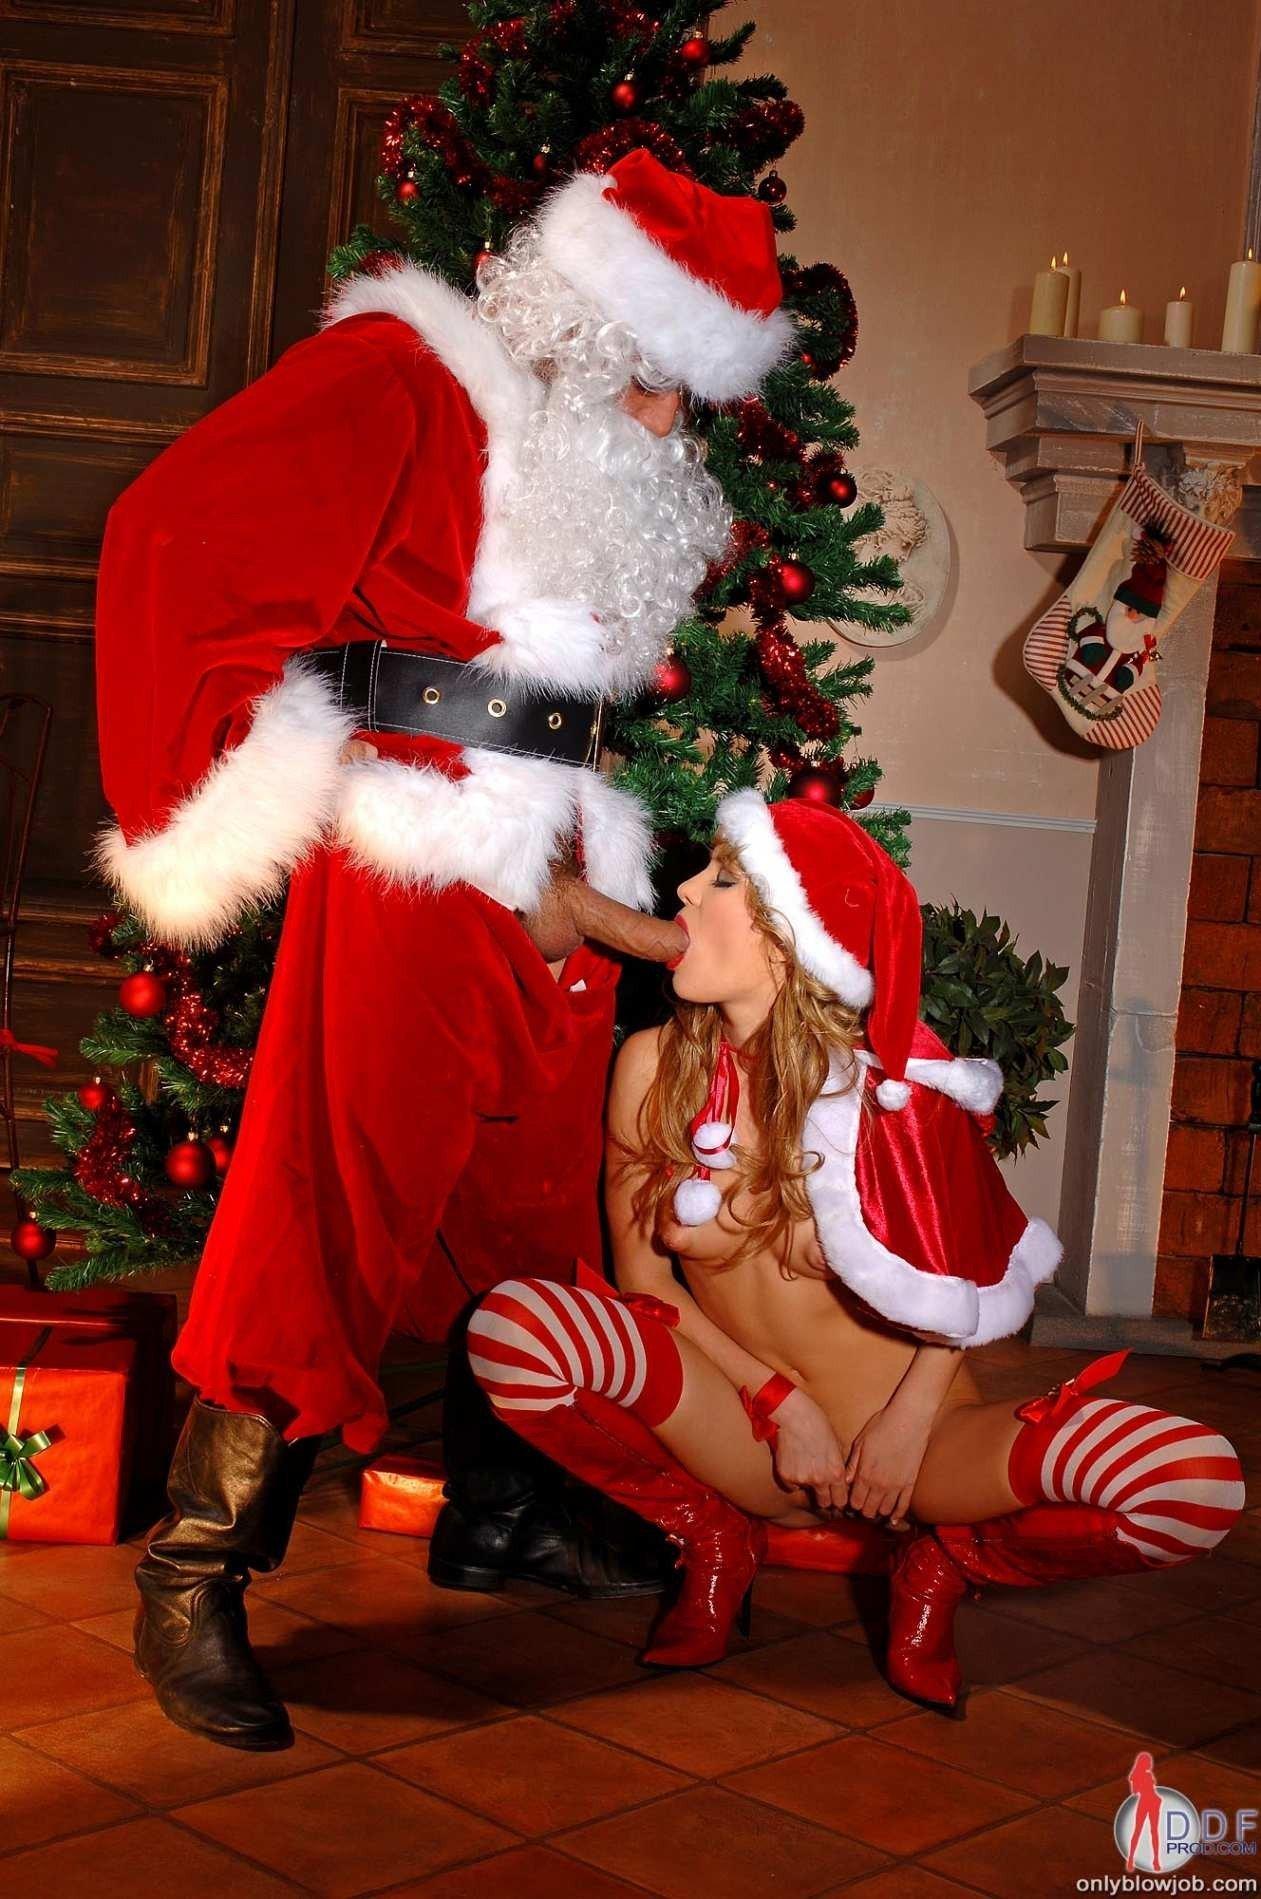 Blow a santa job gets confirm. And